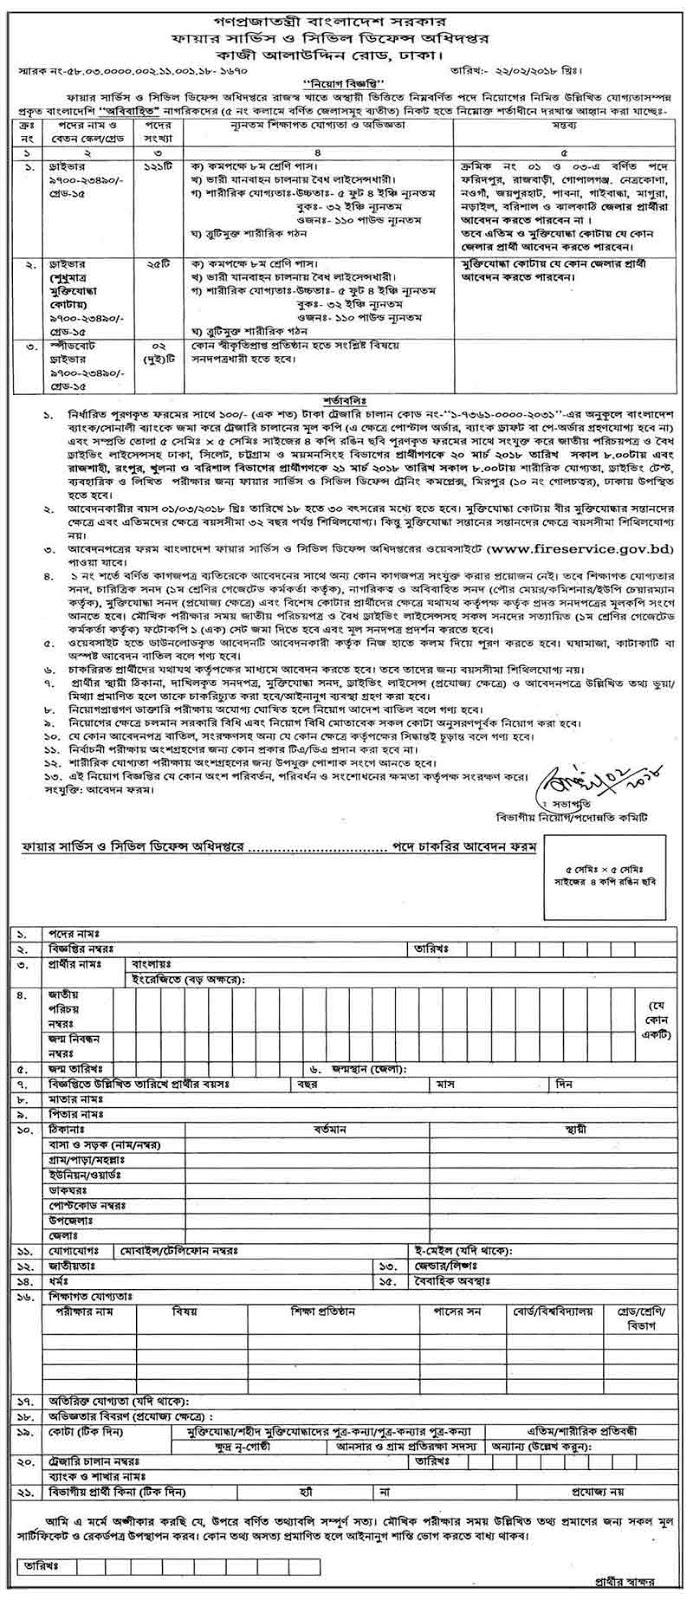 Fire Service Civil Defense Department Job Circular Fire Service Civil Defense Department job Notice